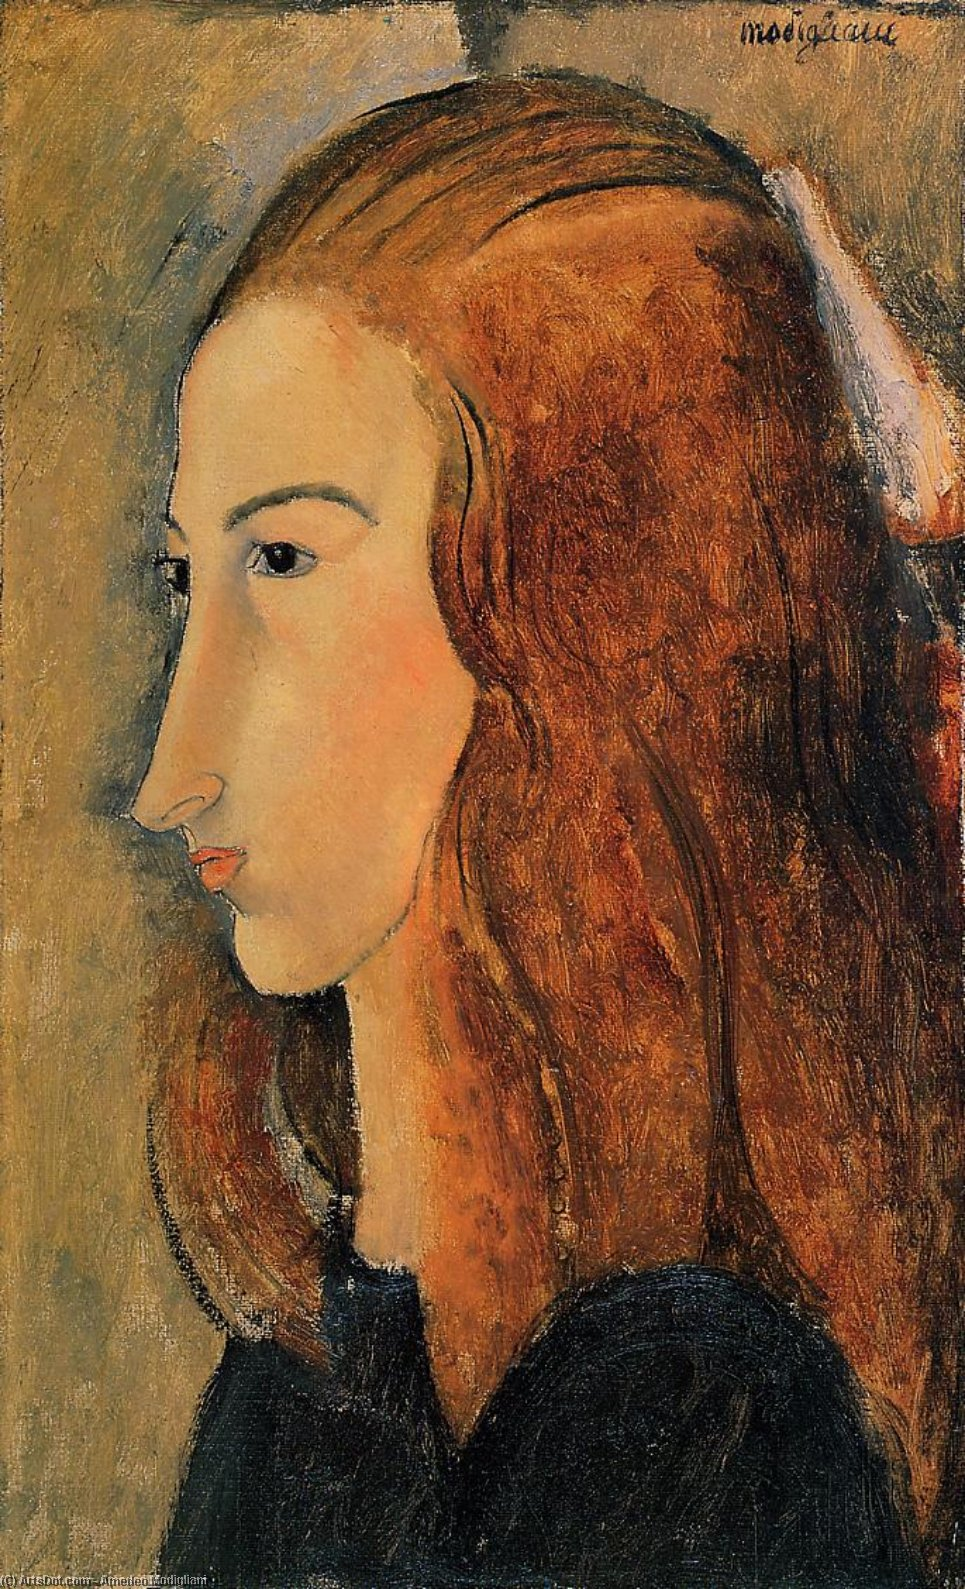 Wikioo.org - สารานุกรมวิจิตรศิลป์ - จิตรกรรม Amedeo Modigliani - Portrait of Jeanne Hebutern